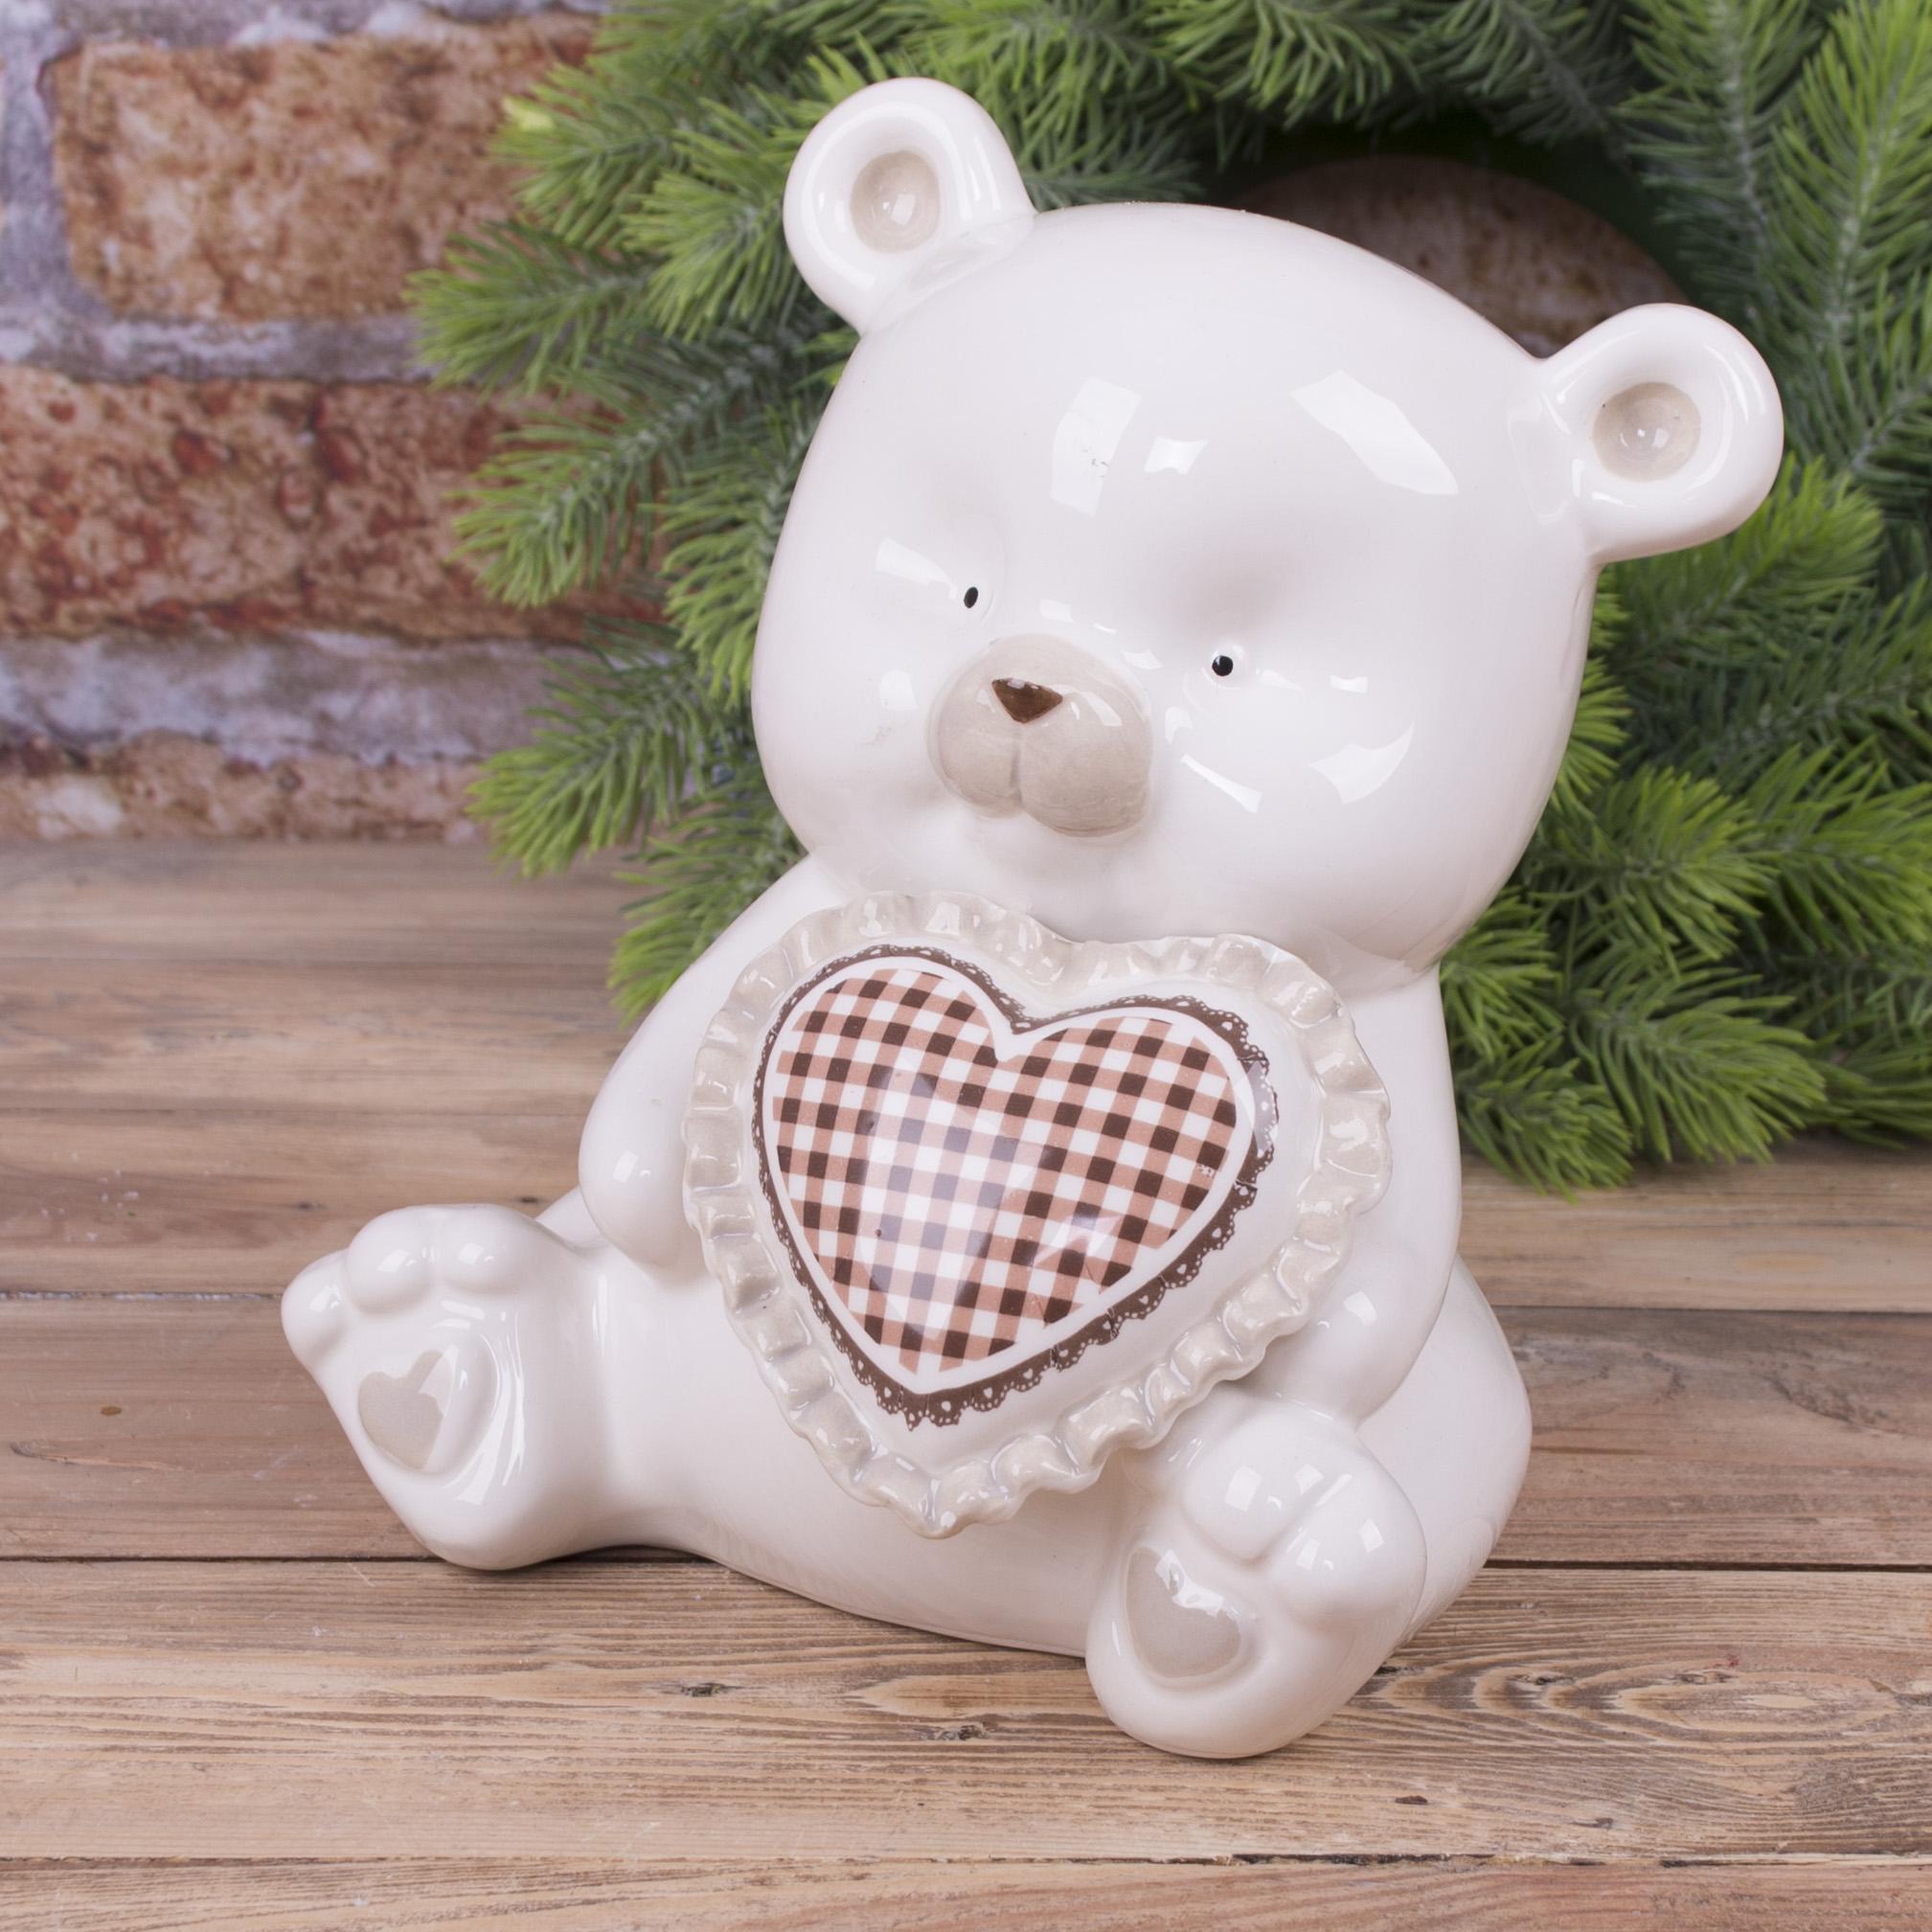 статуэтка мишка с красным сердцем в клеточку 19см